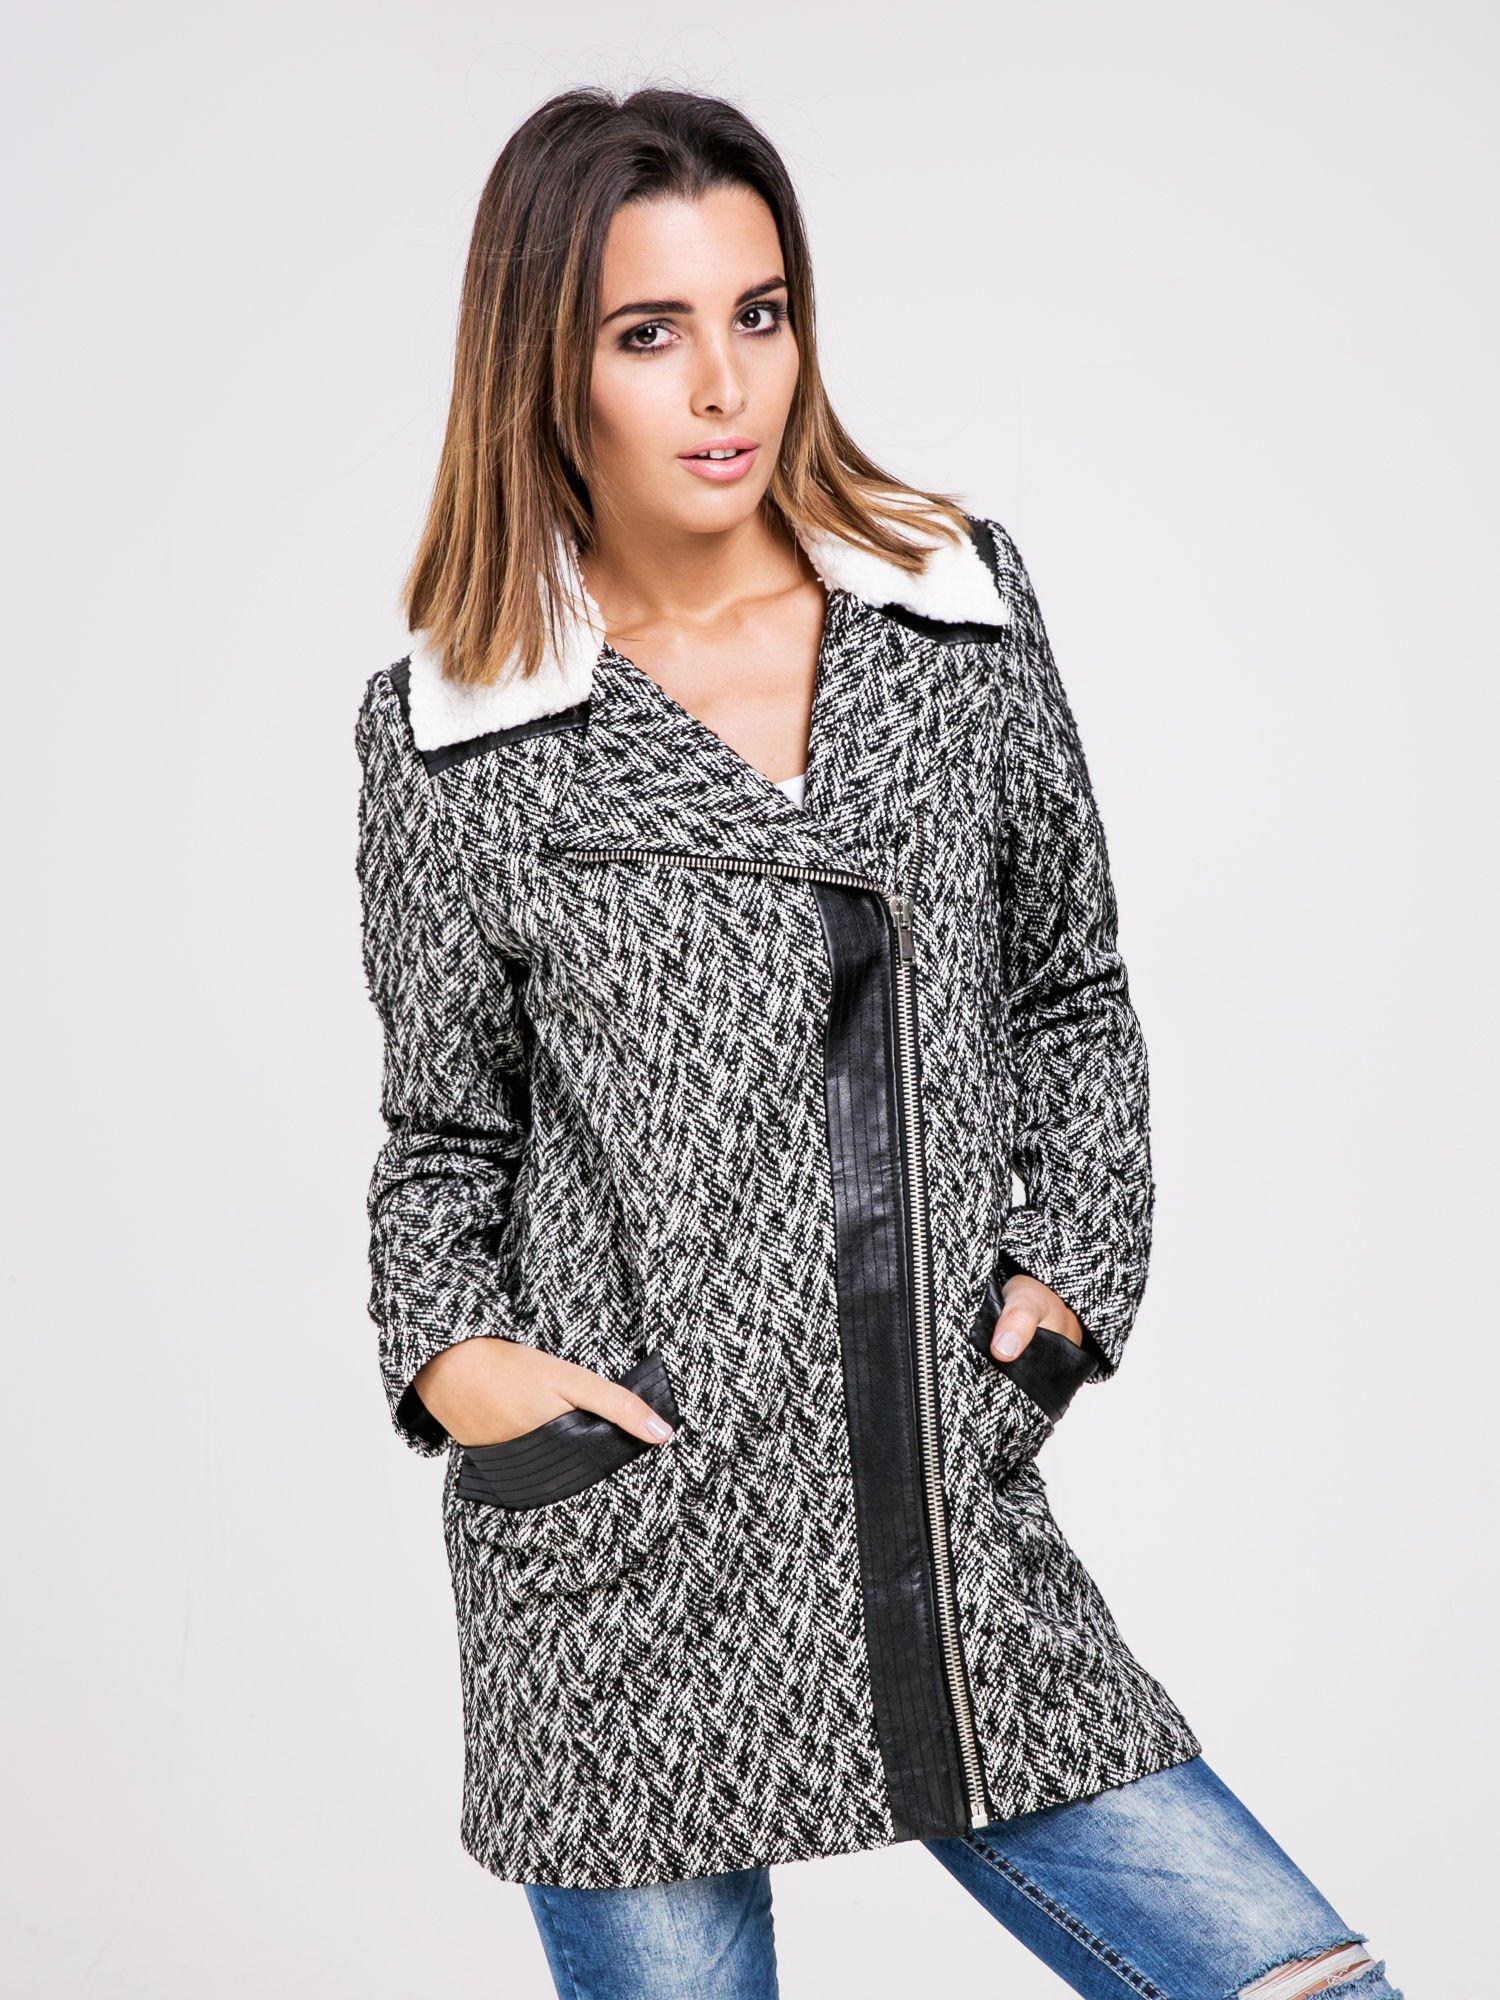 STRADIVARIUS  Czarny płaszcz ze skórzanymi dodatkami i kożuszkiem                                  zdj.                                  1